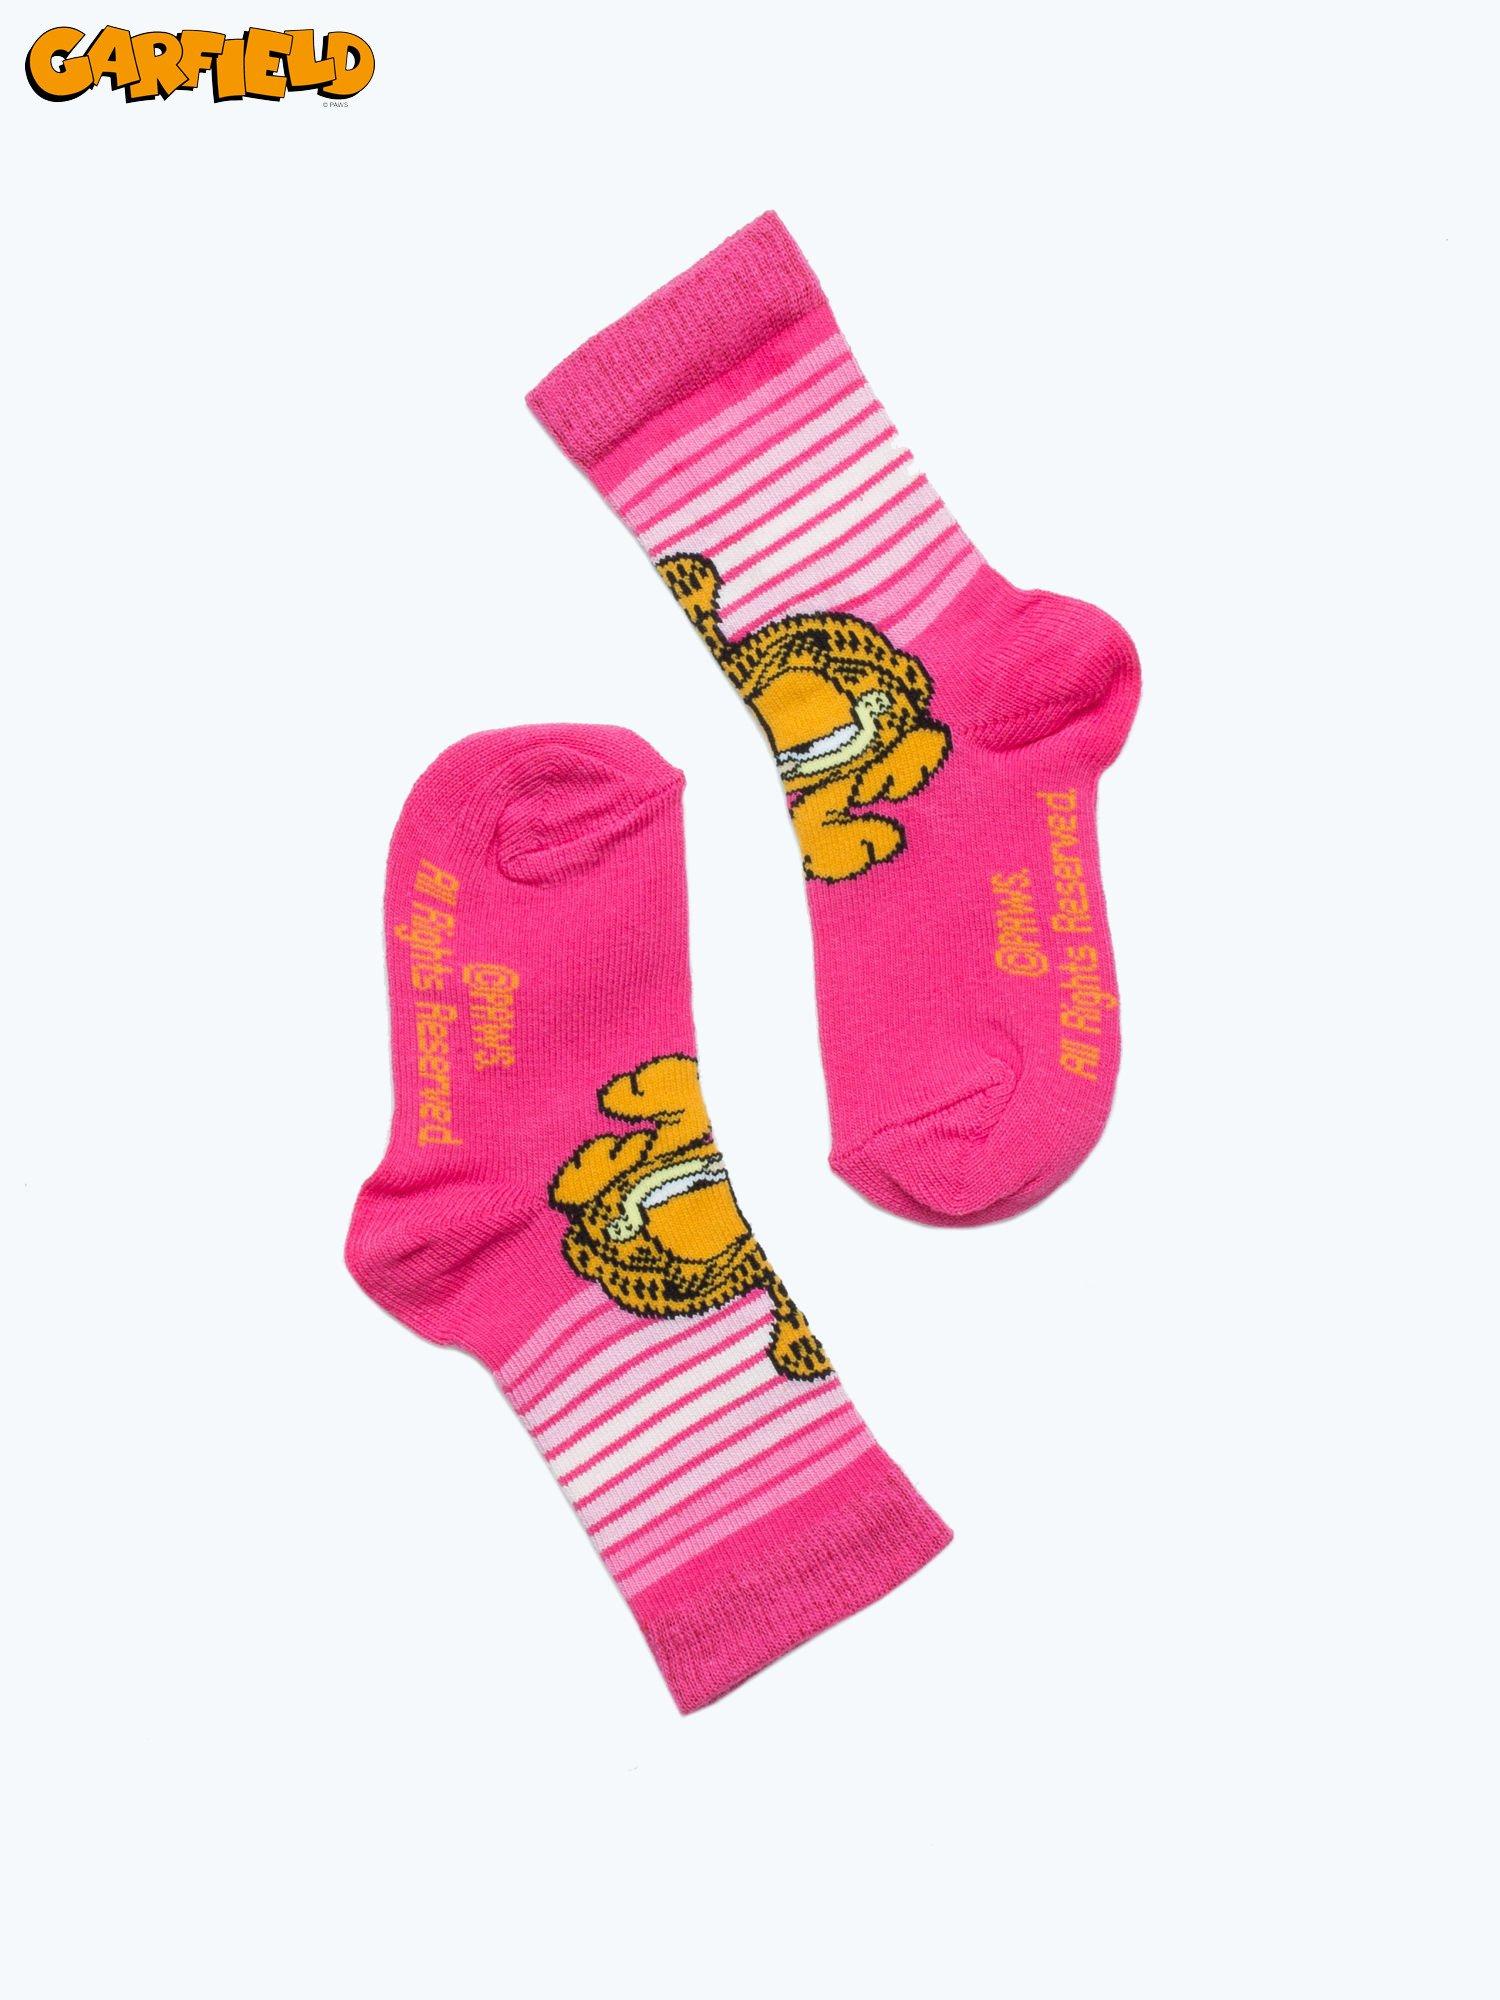 Różowe skarpetki dla dziewczynki GARFIELD                                  zdj.                                  2